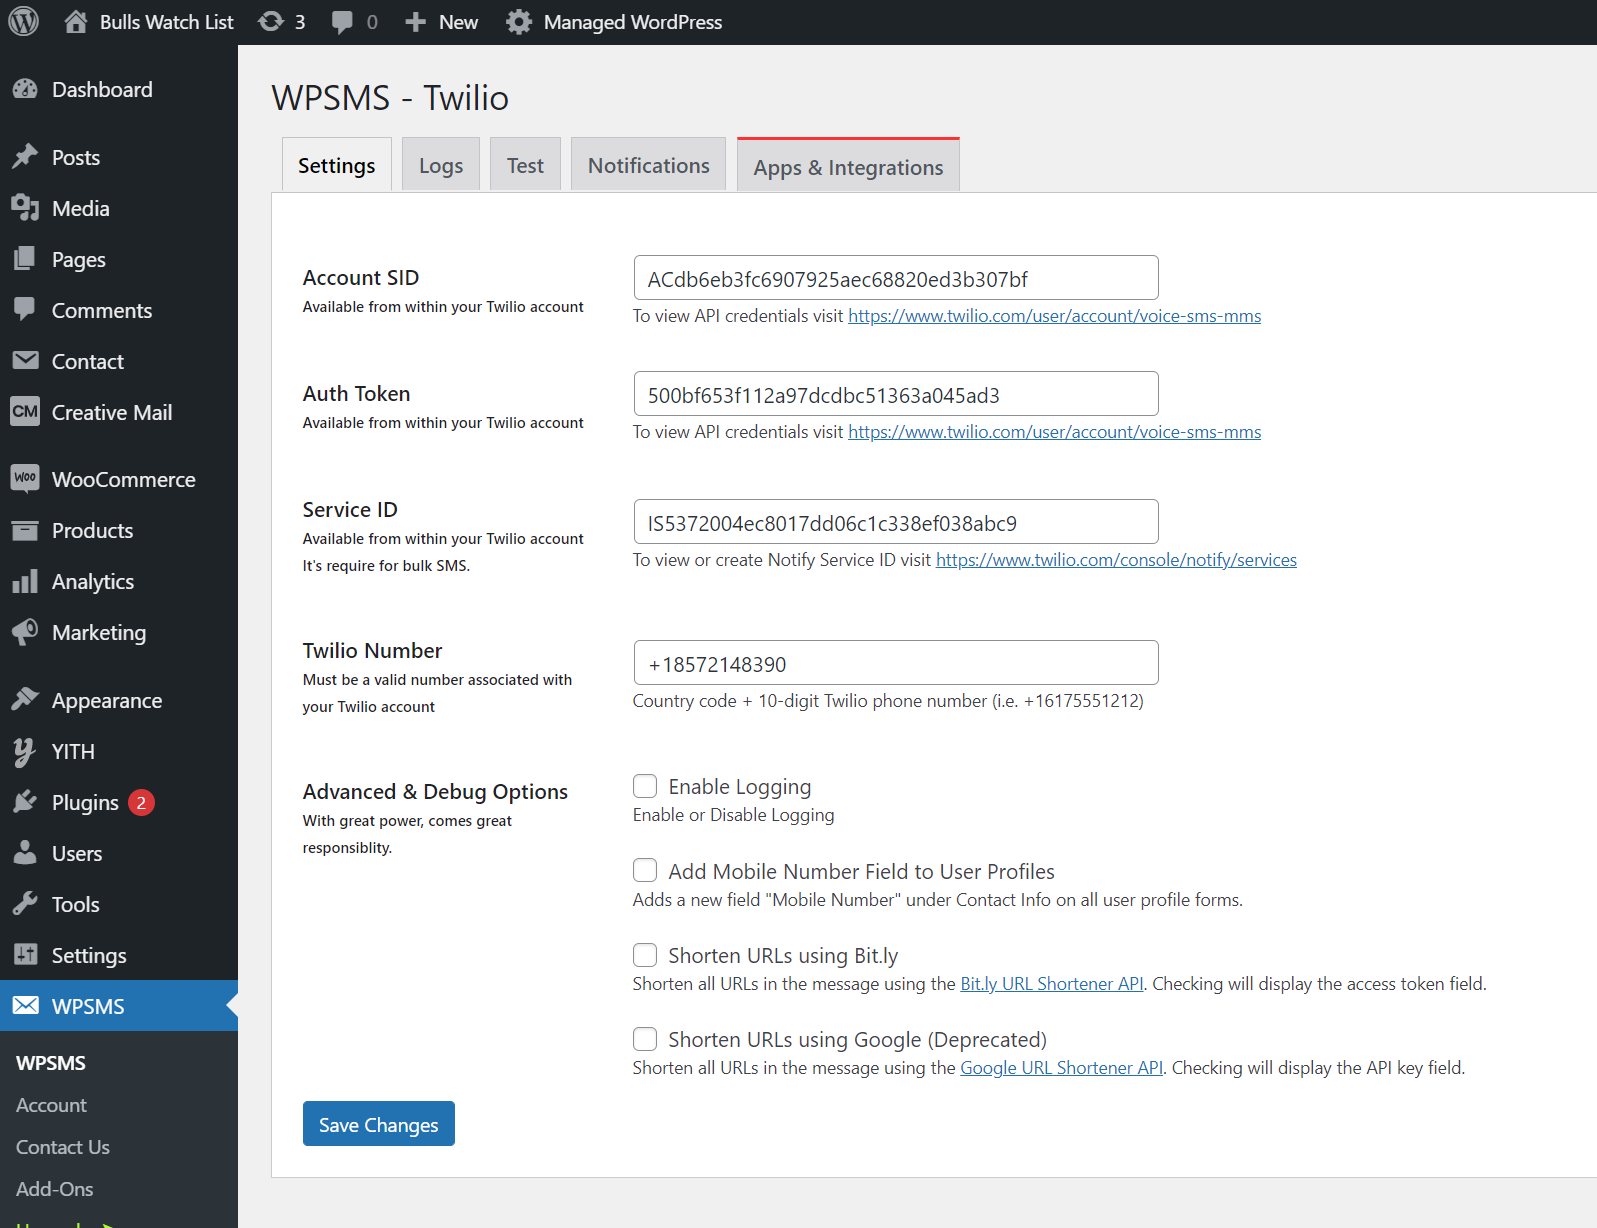 wpsms twilio plugin settings screen